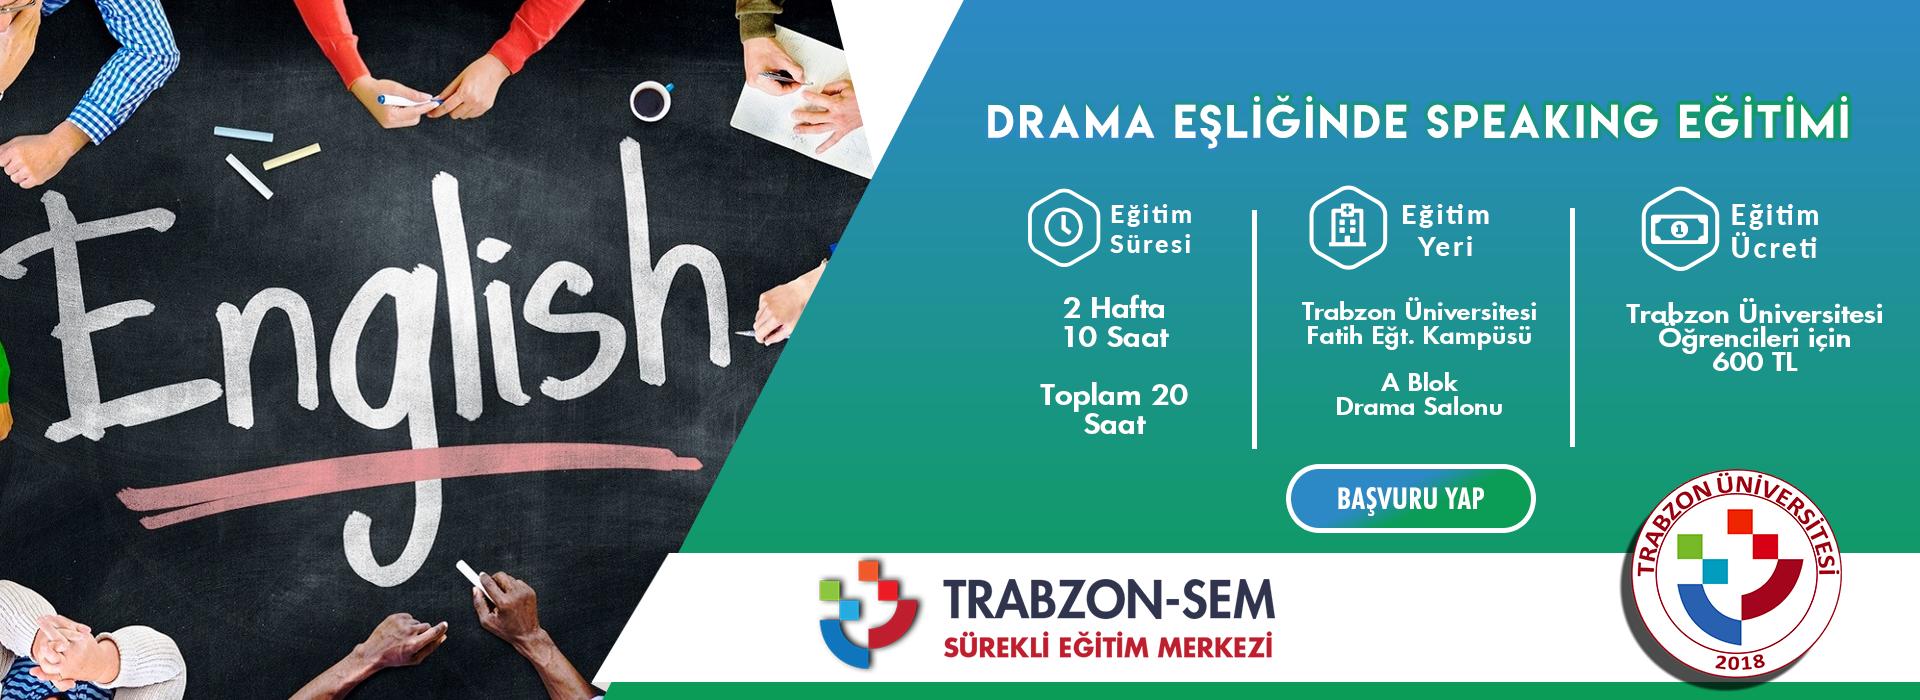 Drama Eşliğinde Speaking Eğitimi